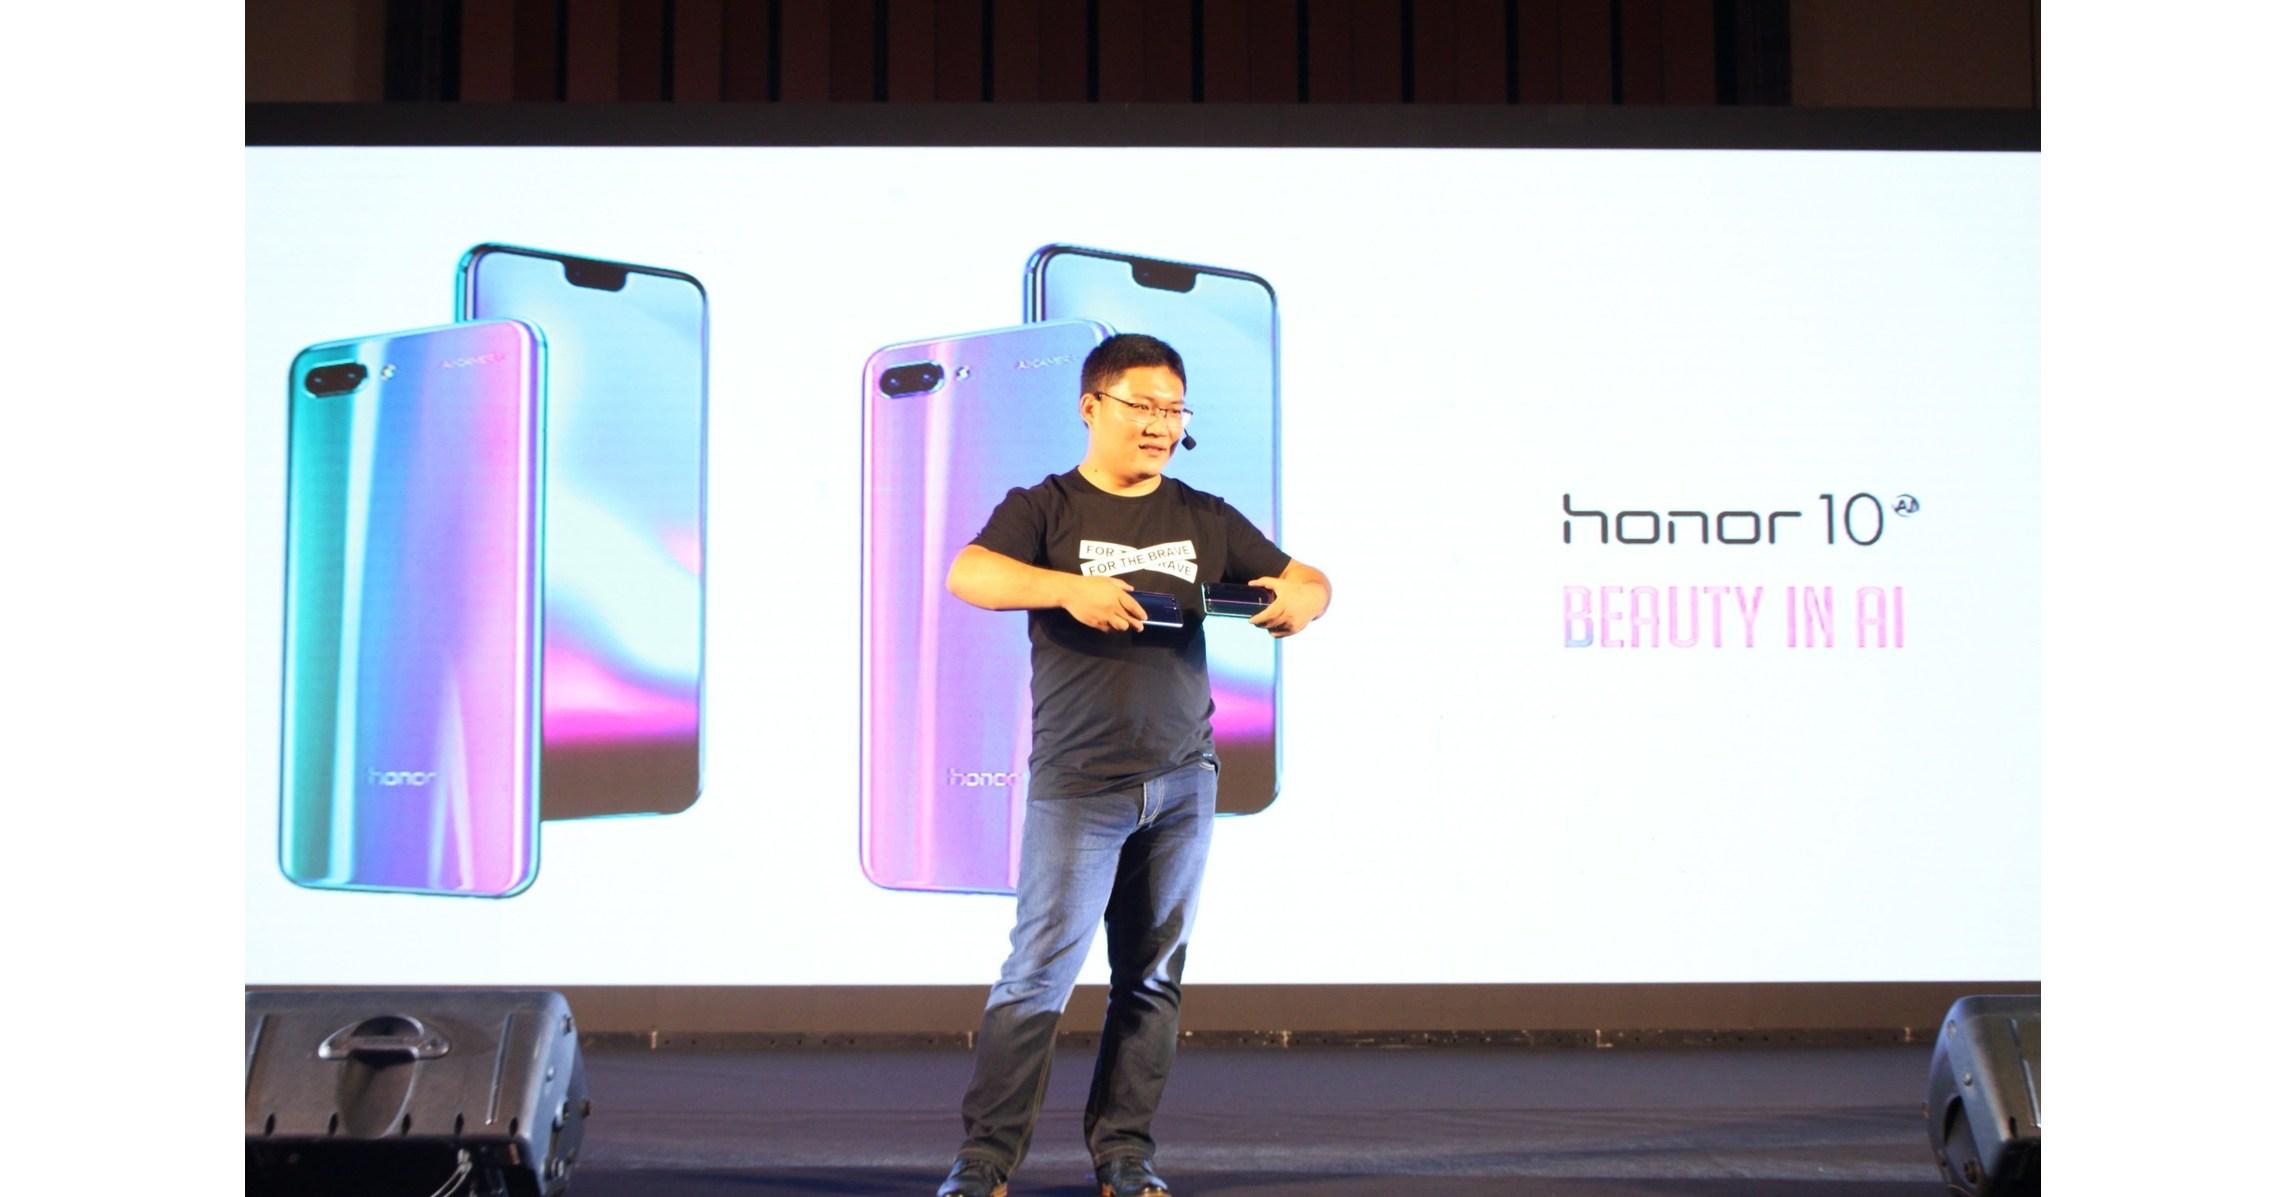 Honor 10 offiziell in Indonesien gestartet - das innovativste Vorzeigemodell 2018 mit KI-Fotografie und exquisitem Aurora-Glas-Design